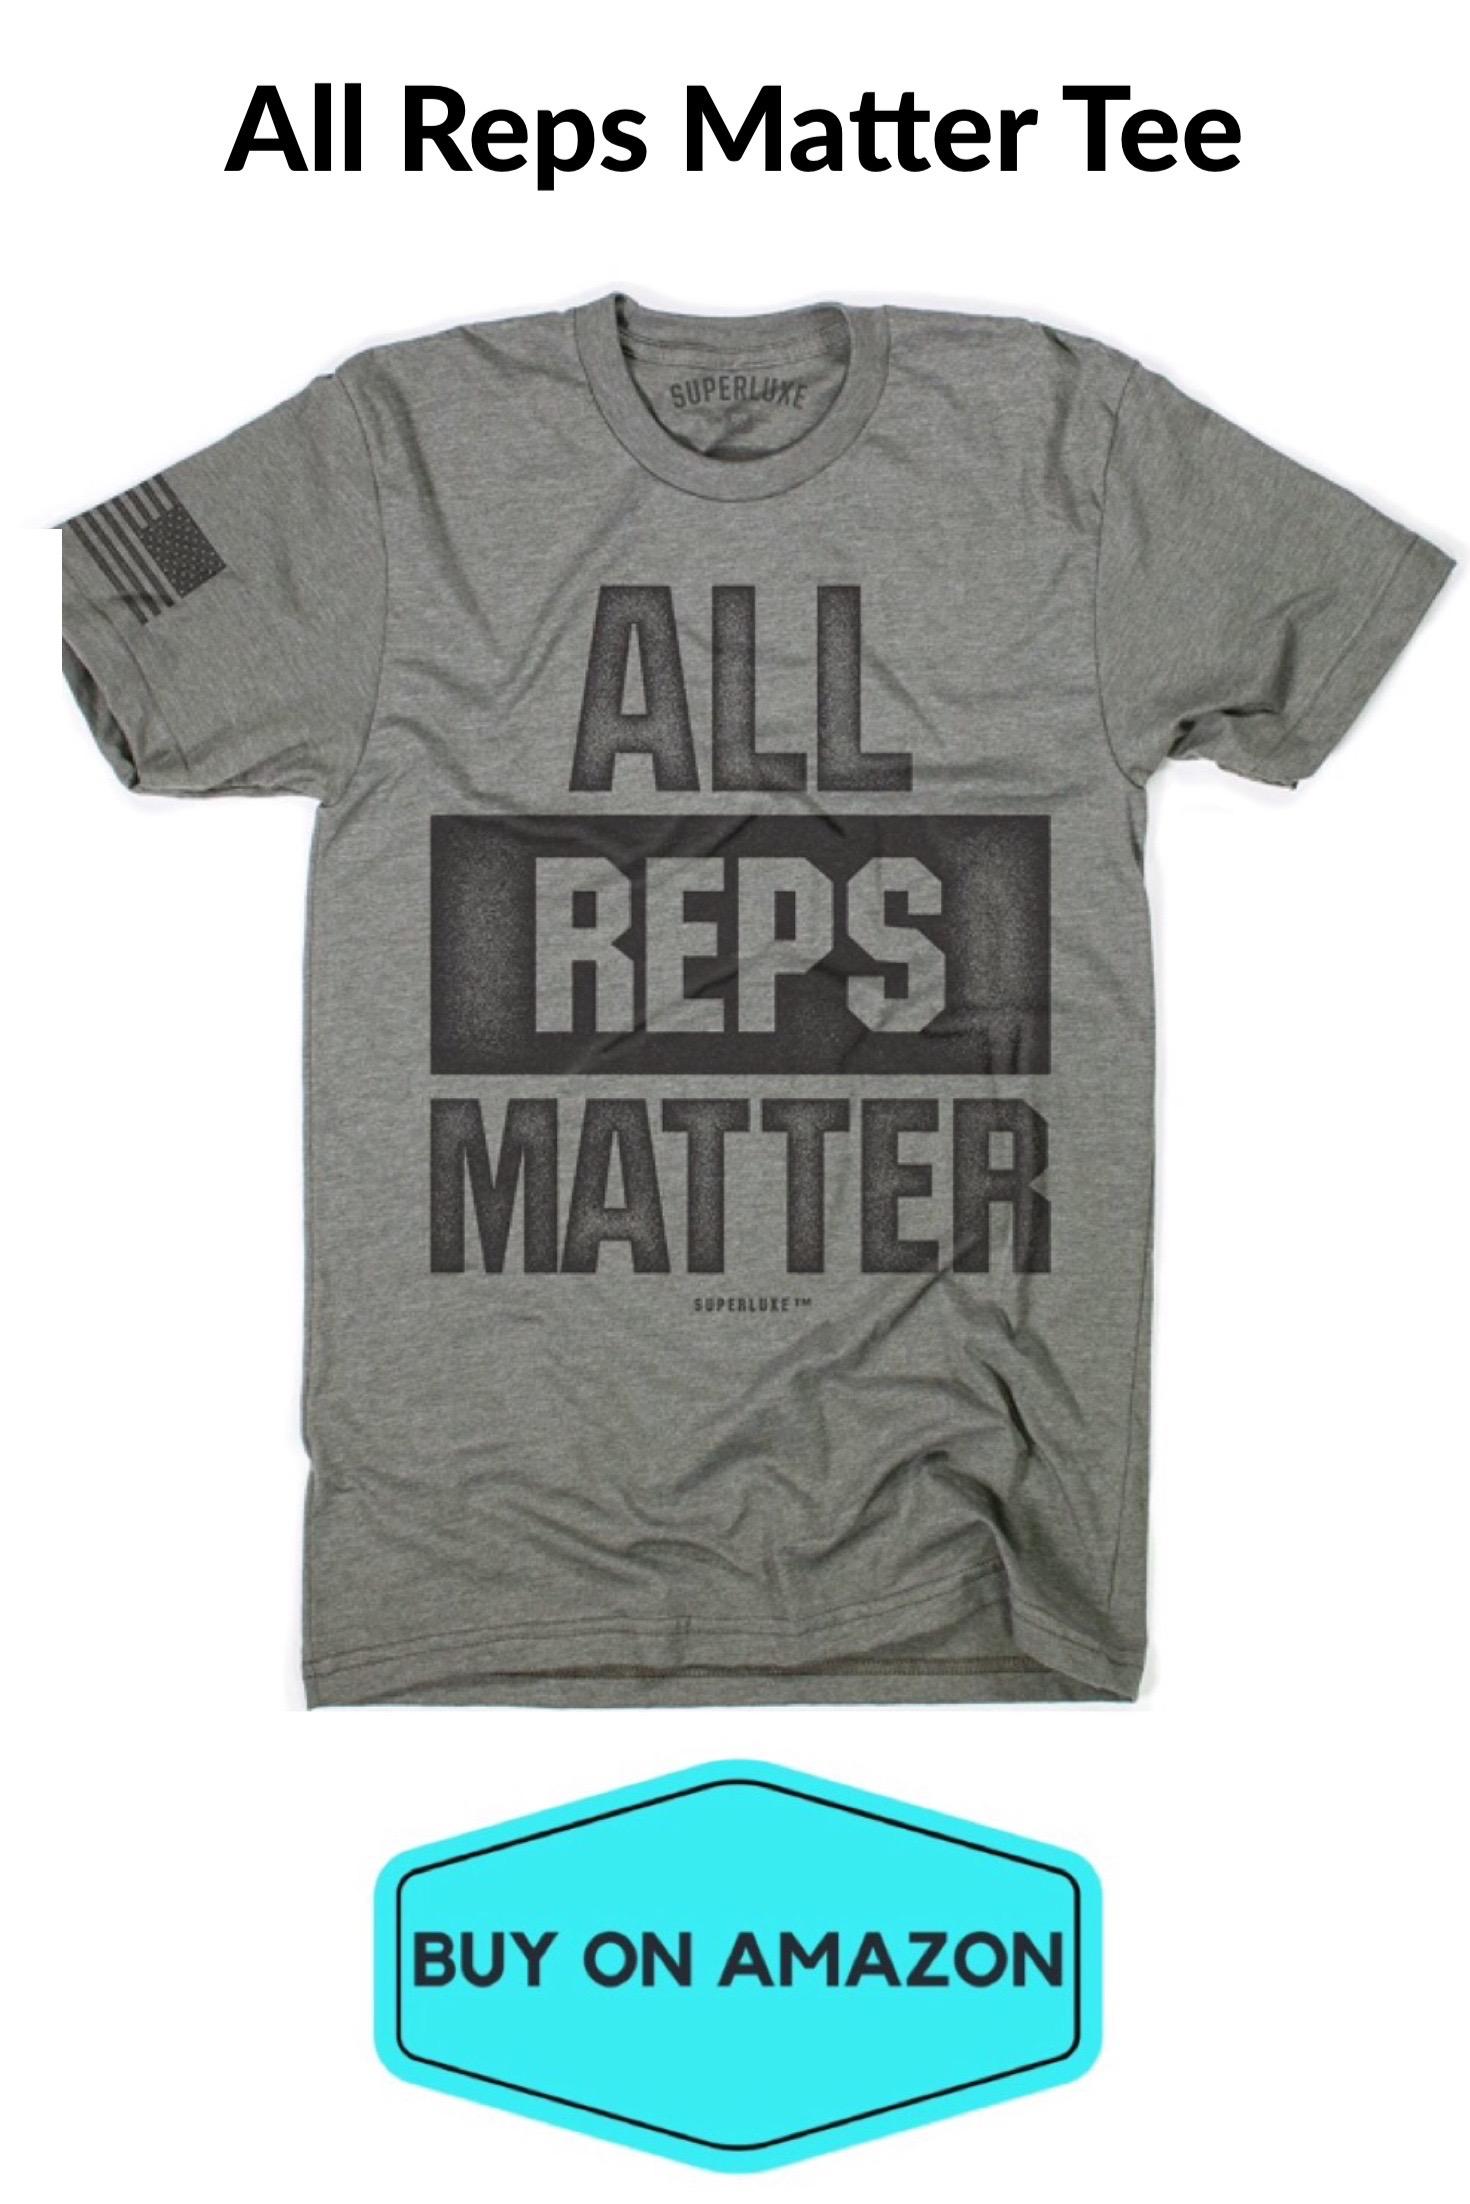 'All Reps Matter' Gym T-Shirt